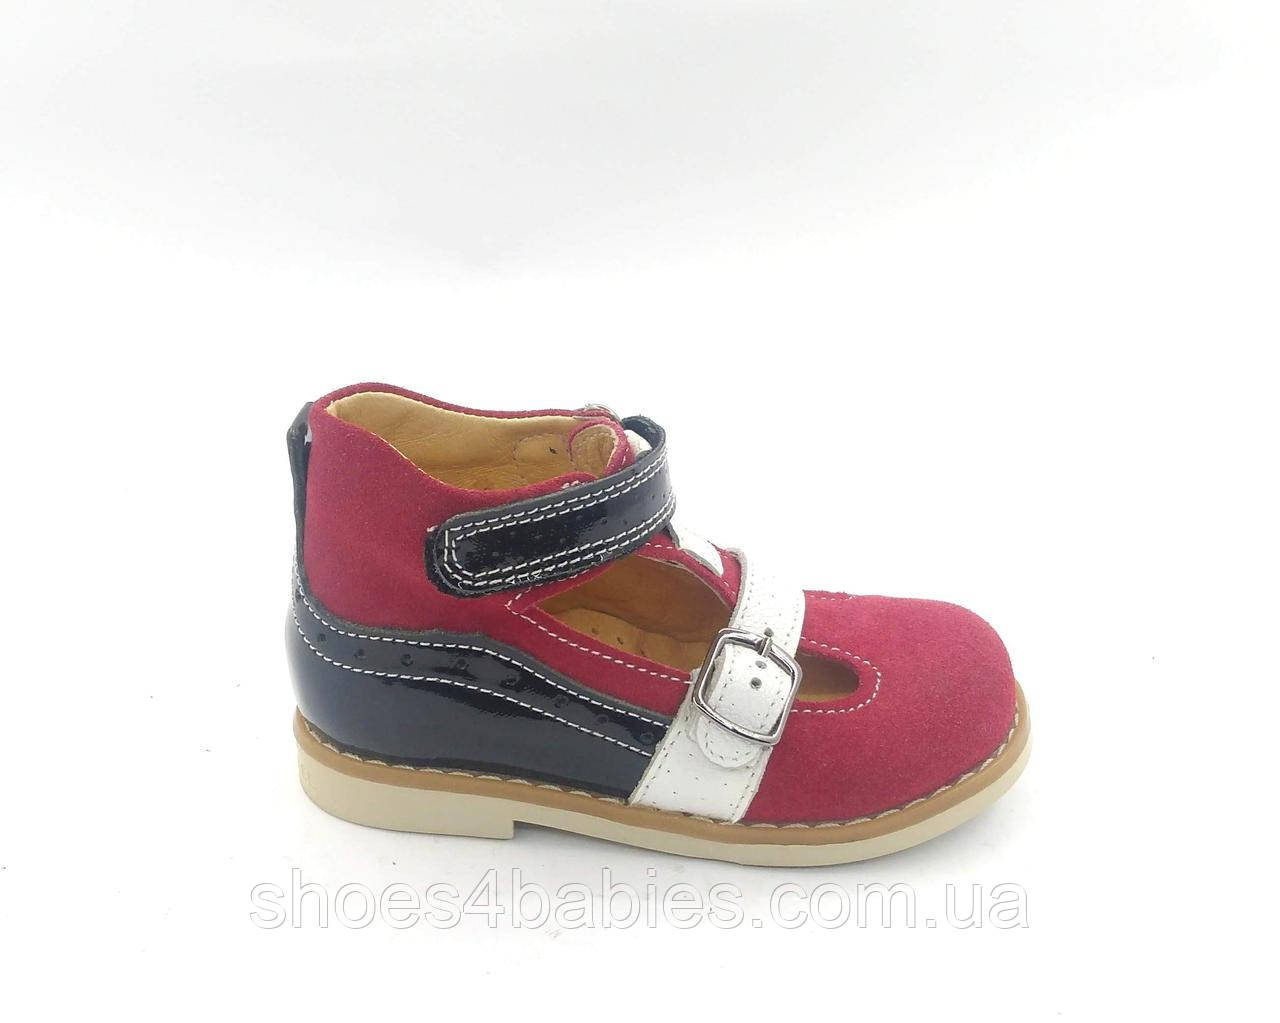 Туфли ортопедические Ecoby 107RM для девочки р. 23 - 15,5 см